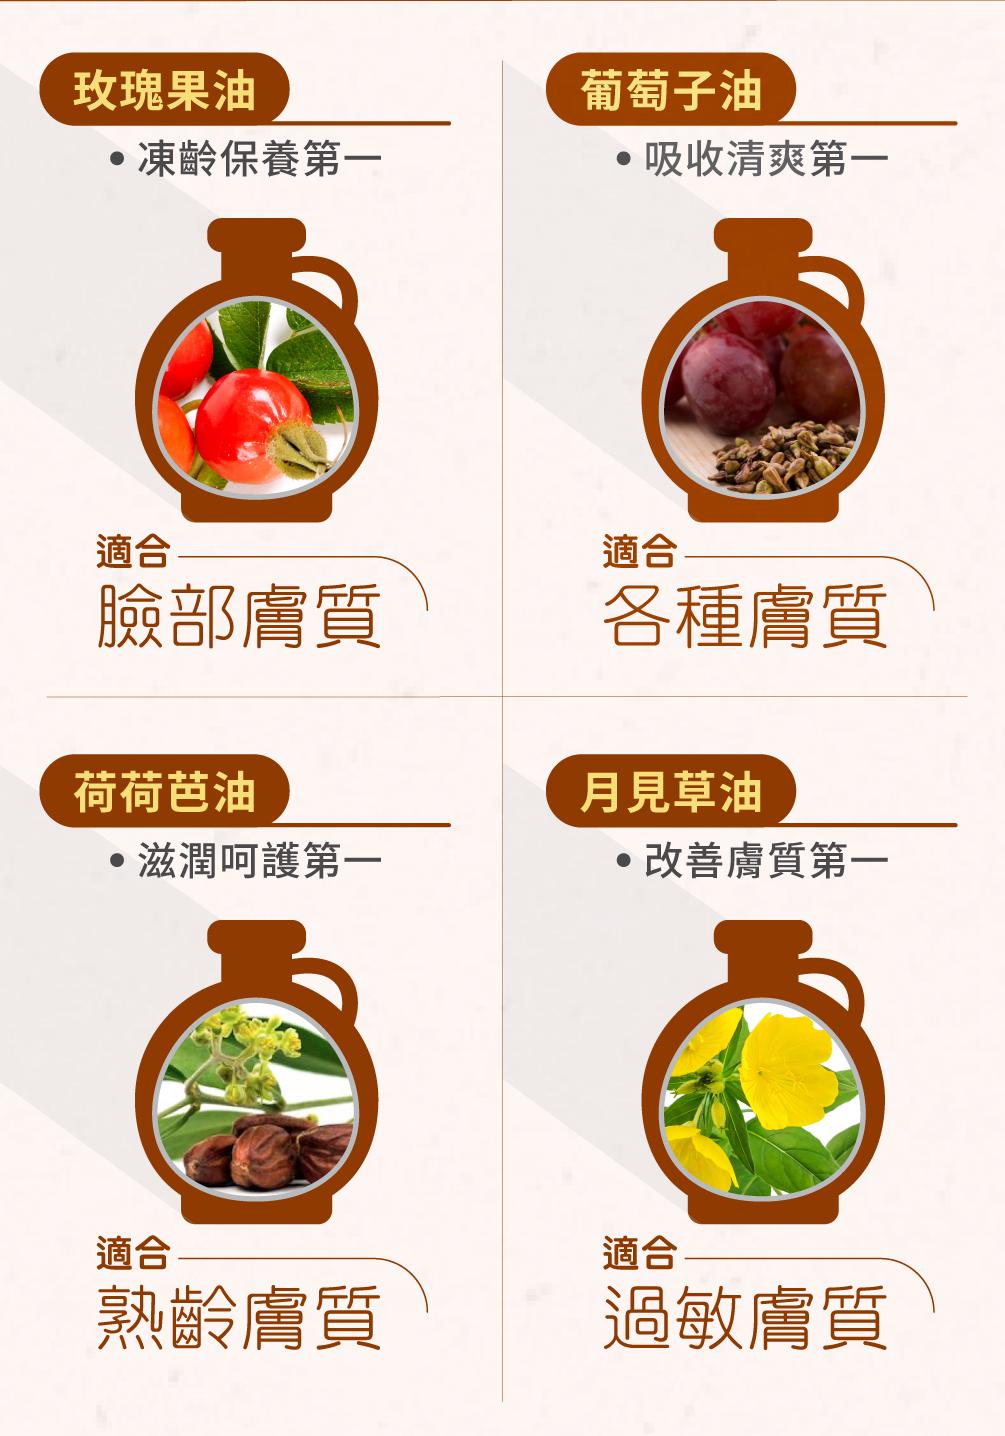 甜杏仁油跟其他油的比較